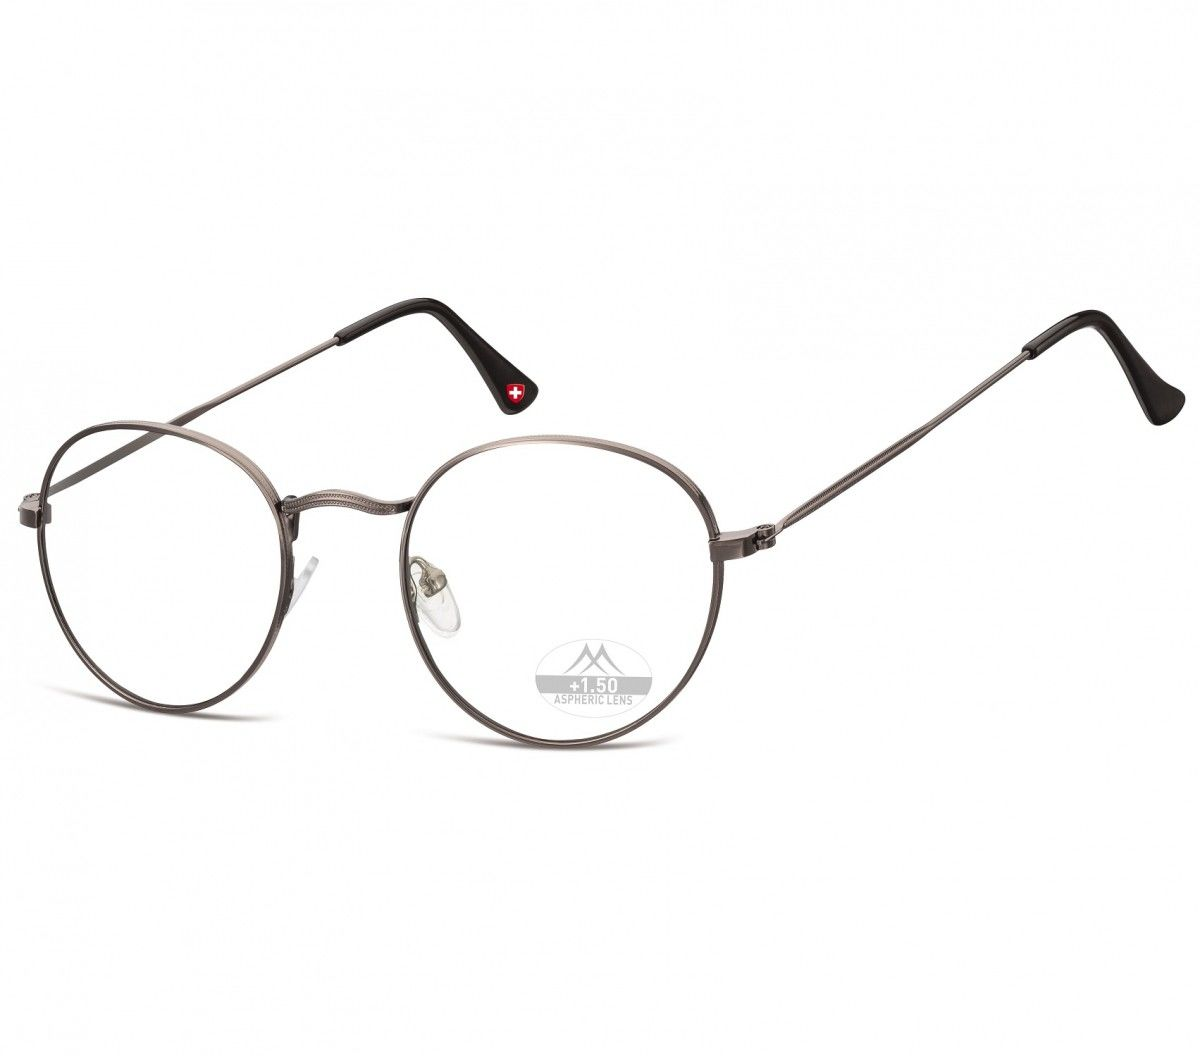 Okulary do Czytania Lenonki asferyczne Montana HMR54 moc: +3,5